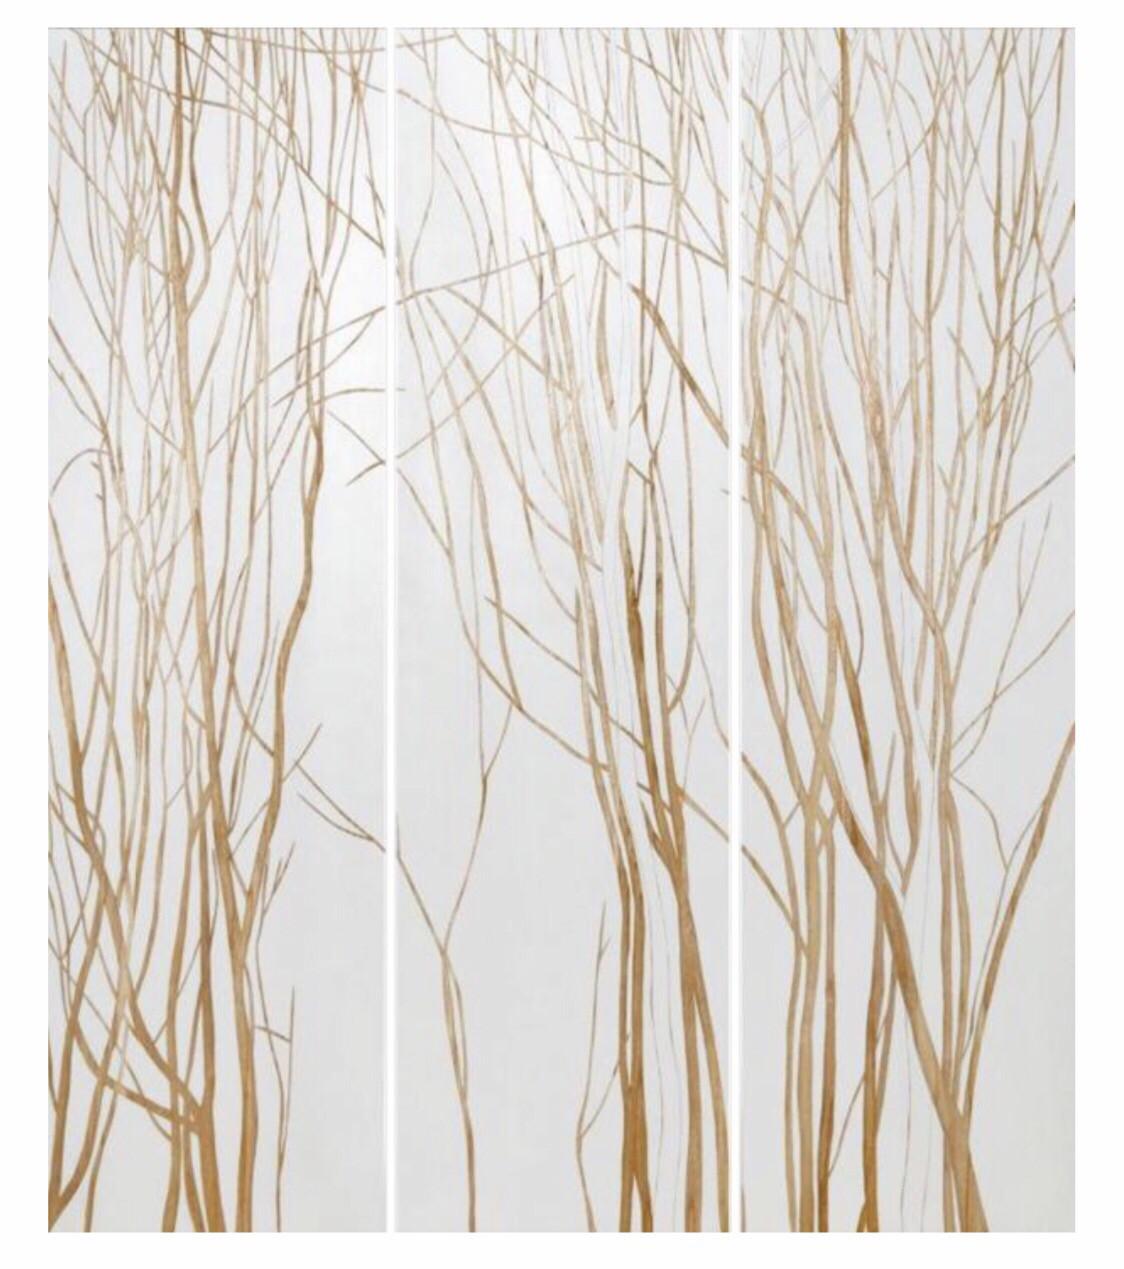 HP092 3 Panel Wood Art Trees